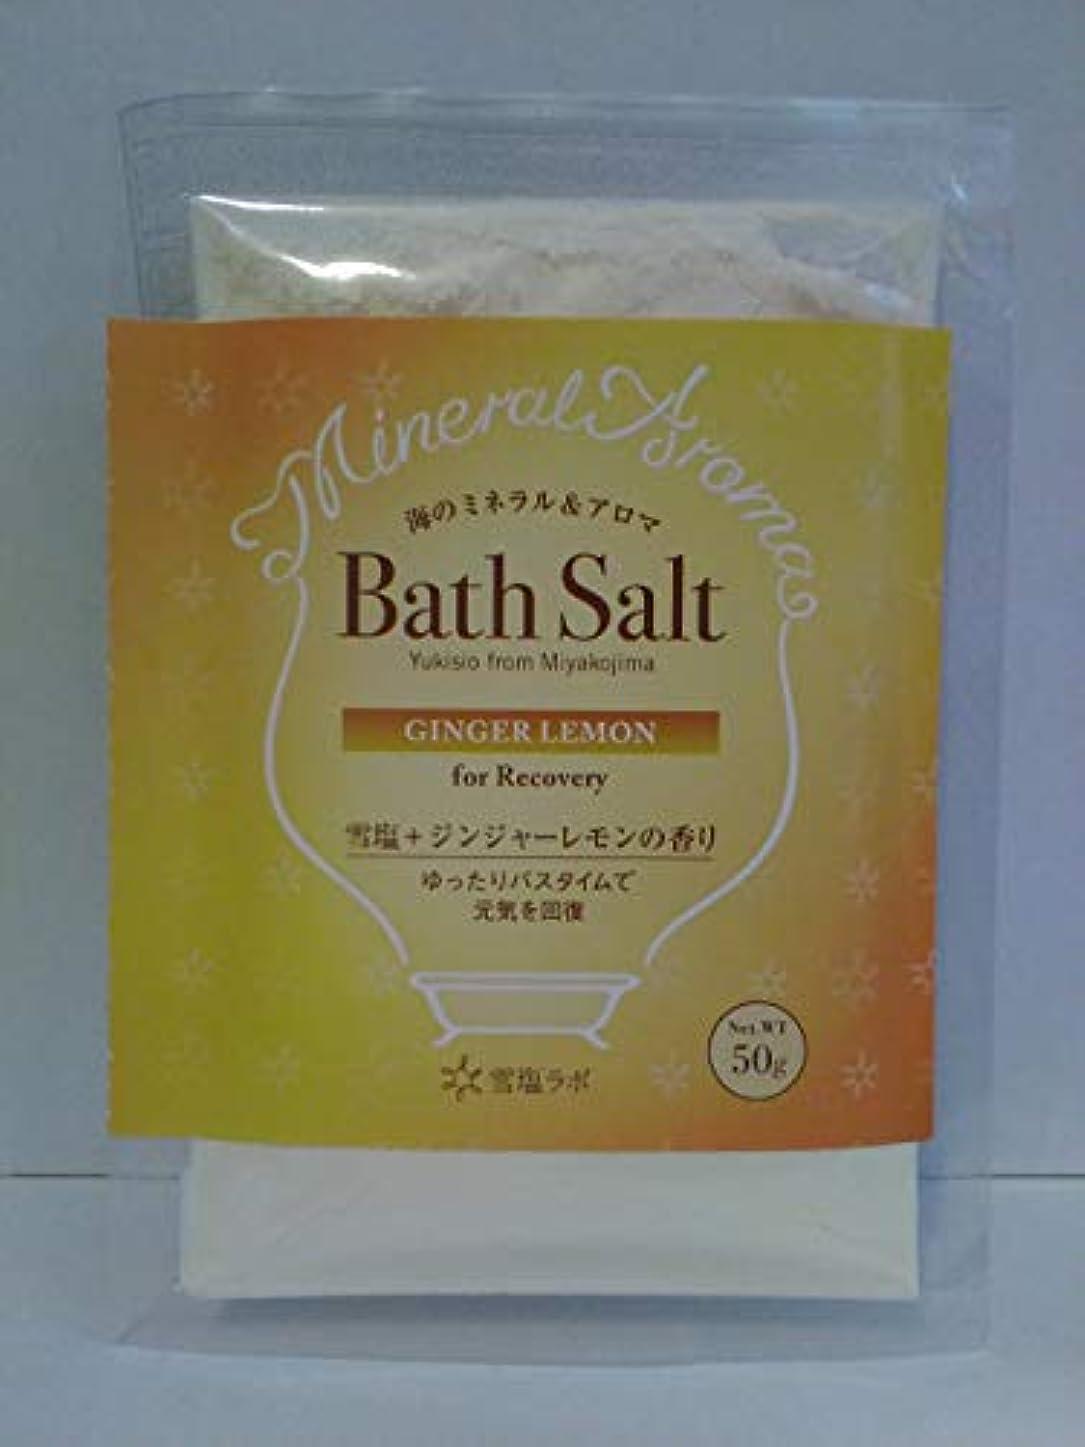 環境保護主義者空知覚的海のミネラル&アロマ Bath Salt 雪塩+ジンジャーレモンの香り